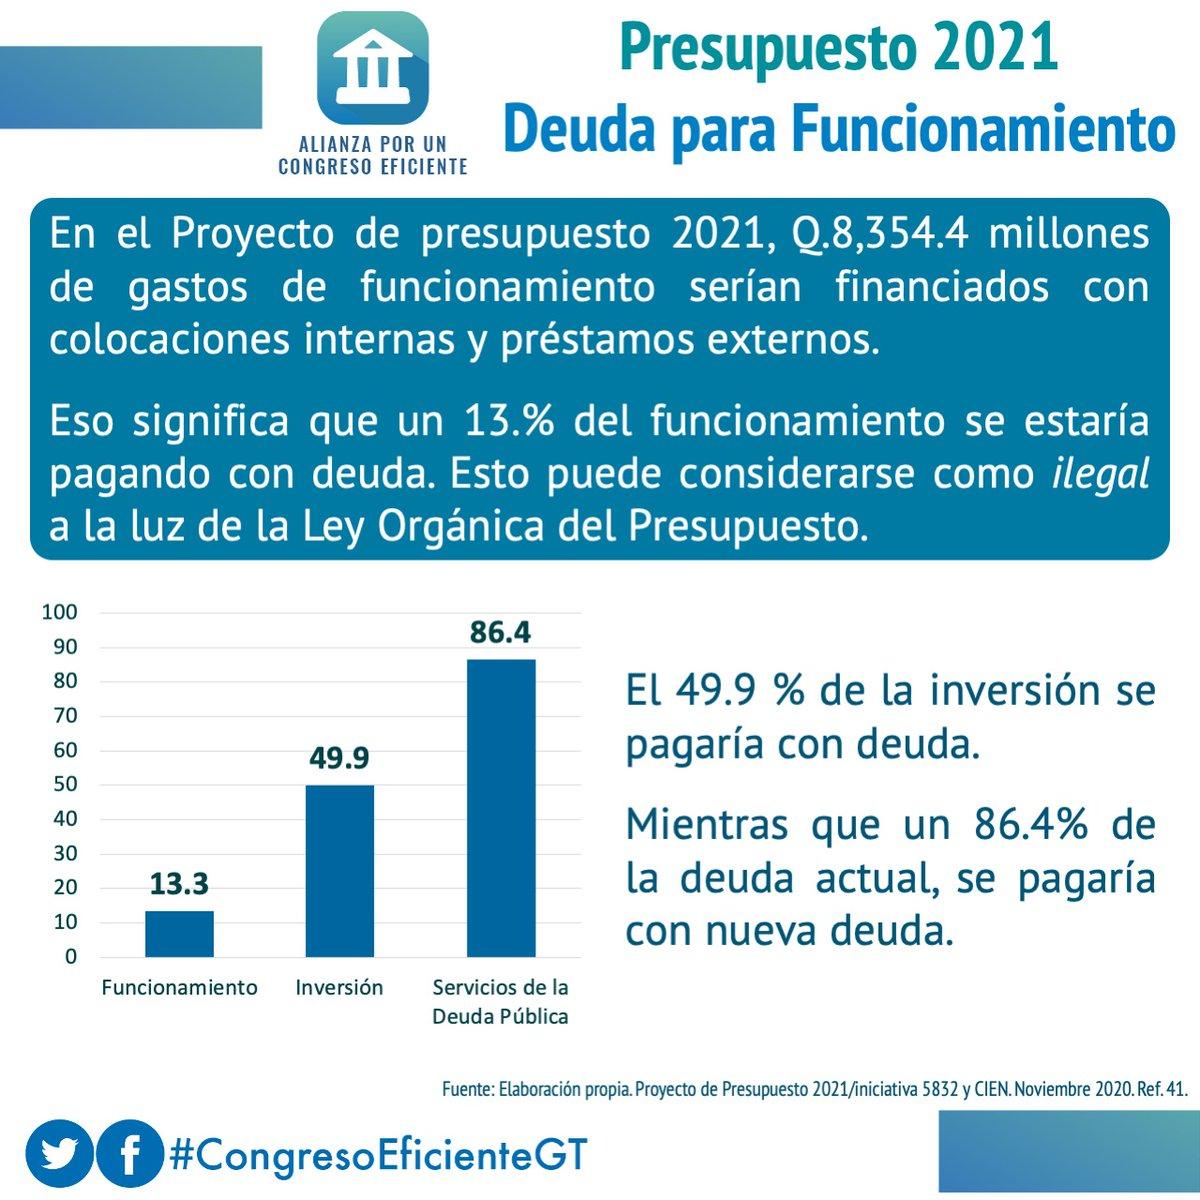 El Proyecto de Presupuesto para 2021 incluye pago de gasto recurrente o de funcionamiento con deuda, hasta por Q8,354.4 millones. En un presupuesto responsable, esto no debiera pasar. El @CongresoGuate debe aprobar un presupuesto responsable basado en el balance y la eficiencia.